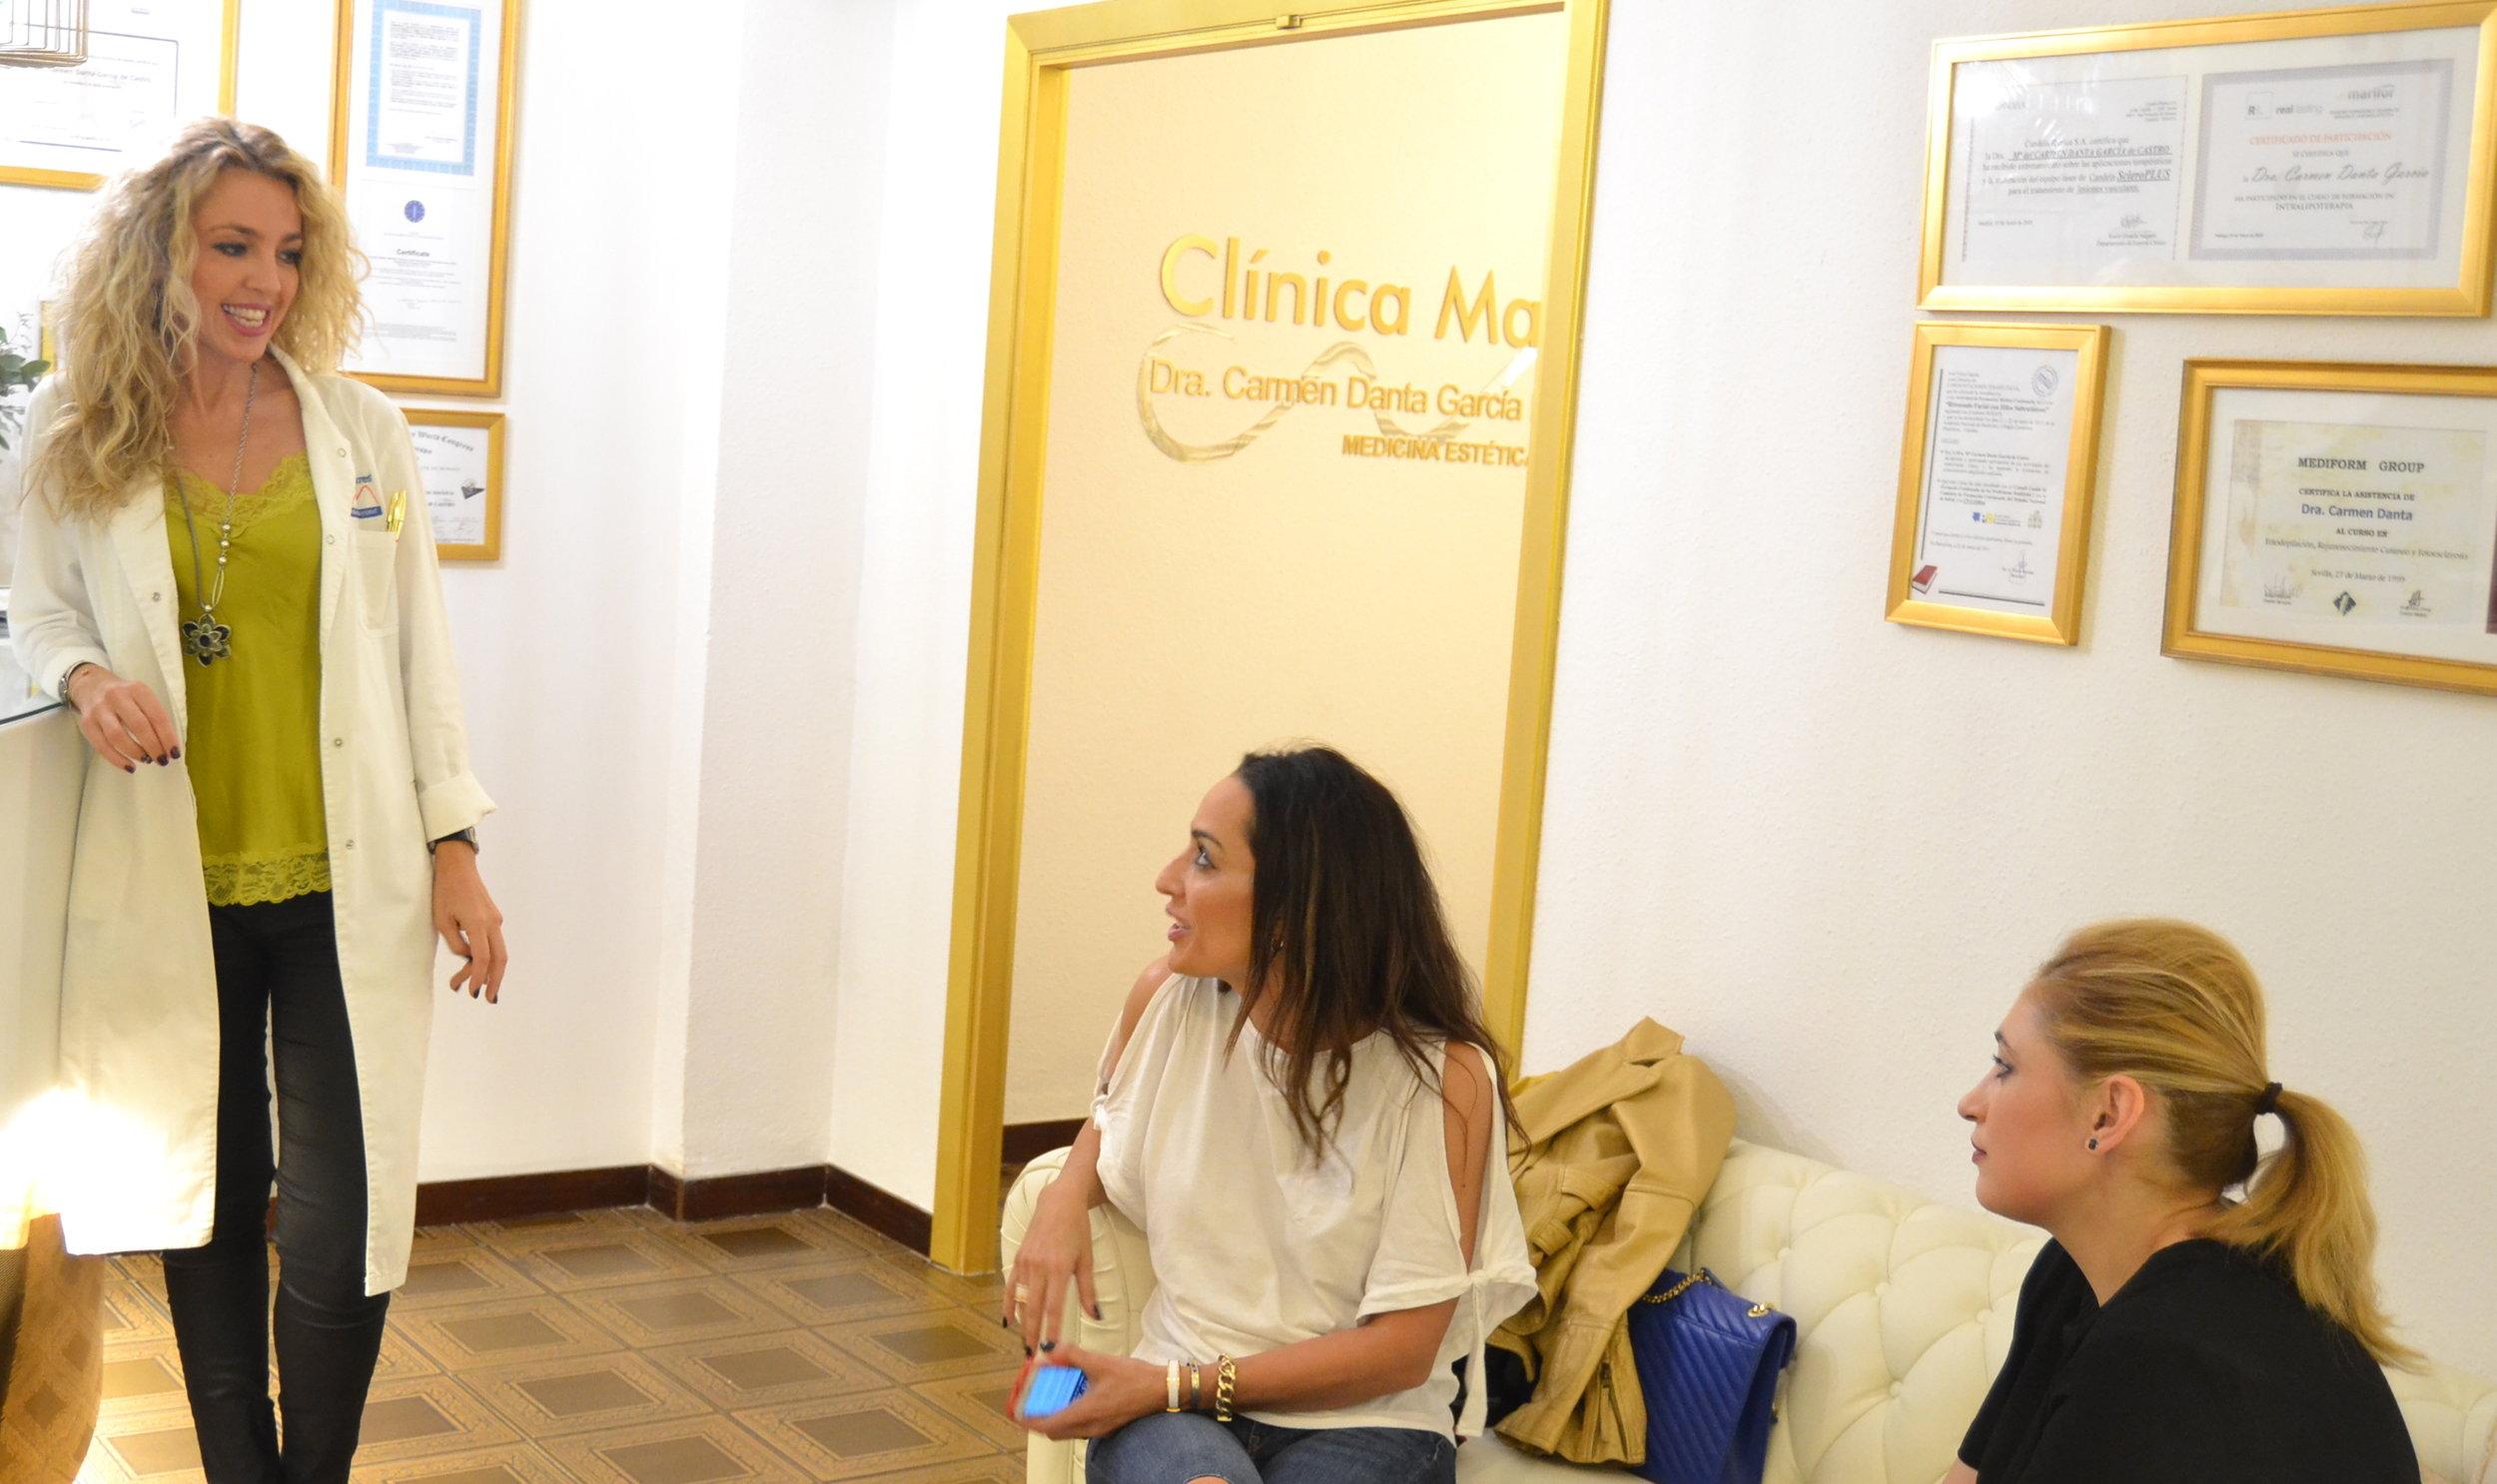 evento-clinica-marest-influencers (6).JPG